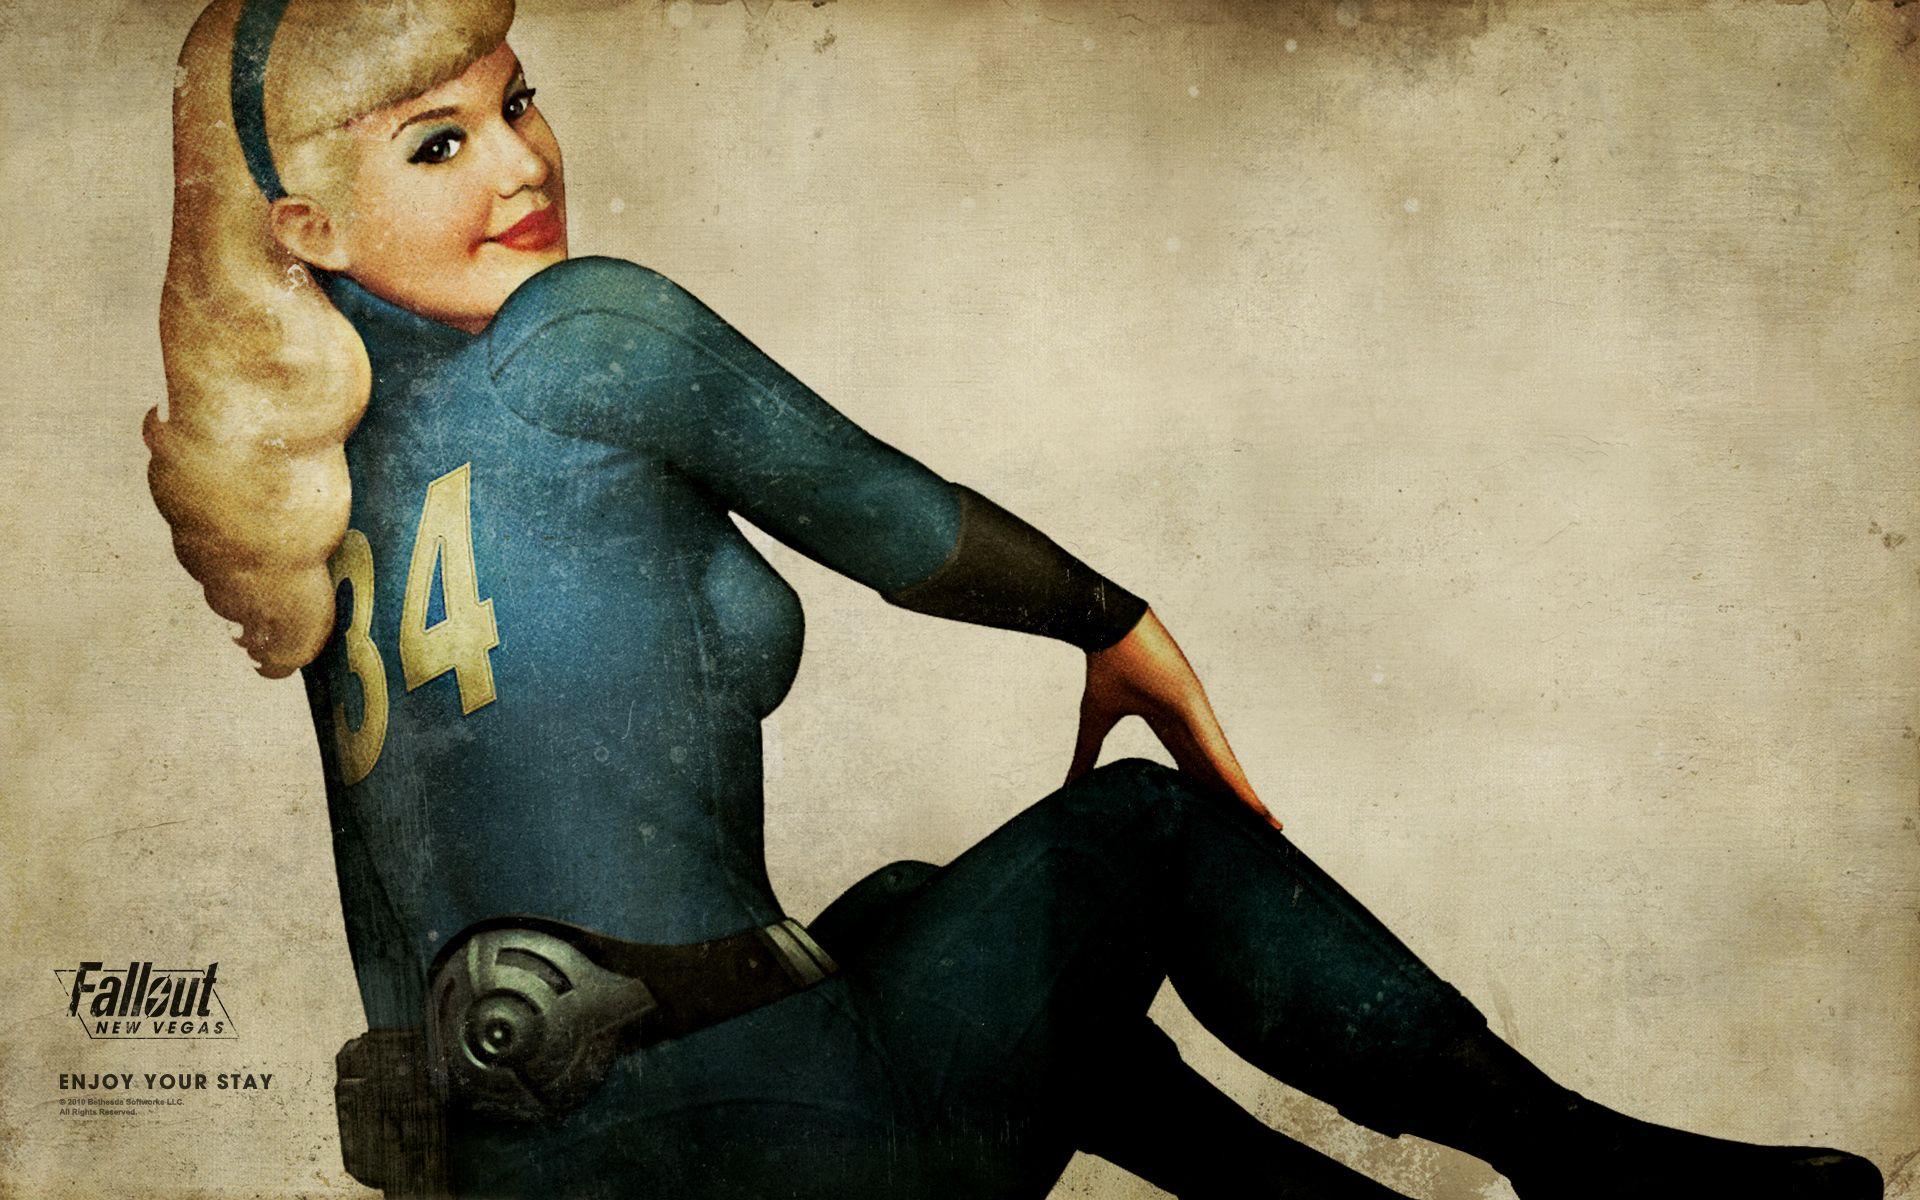 Pin en Fallout Group